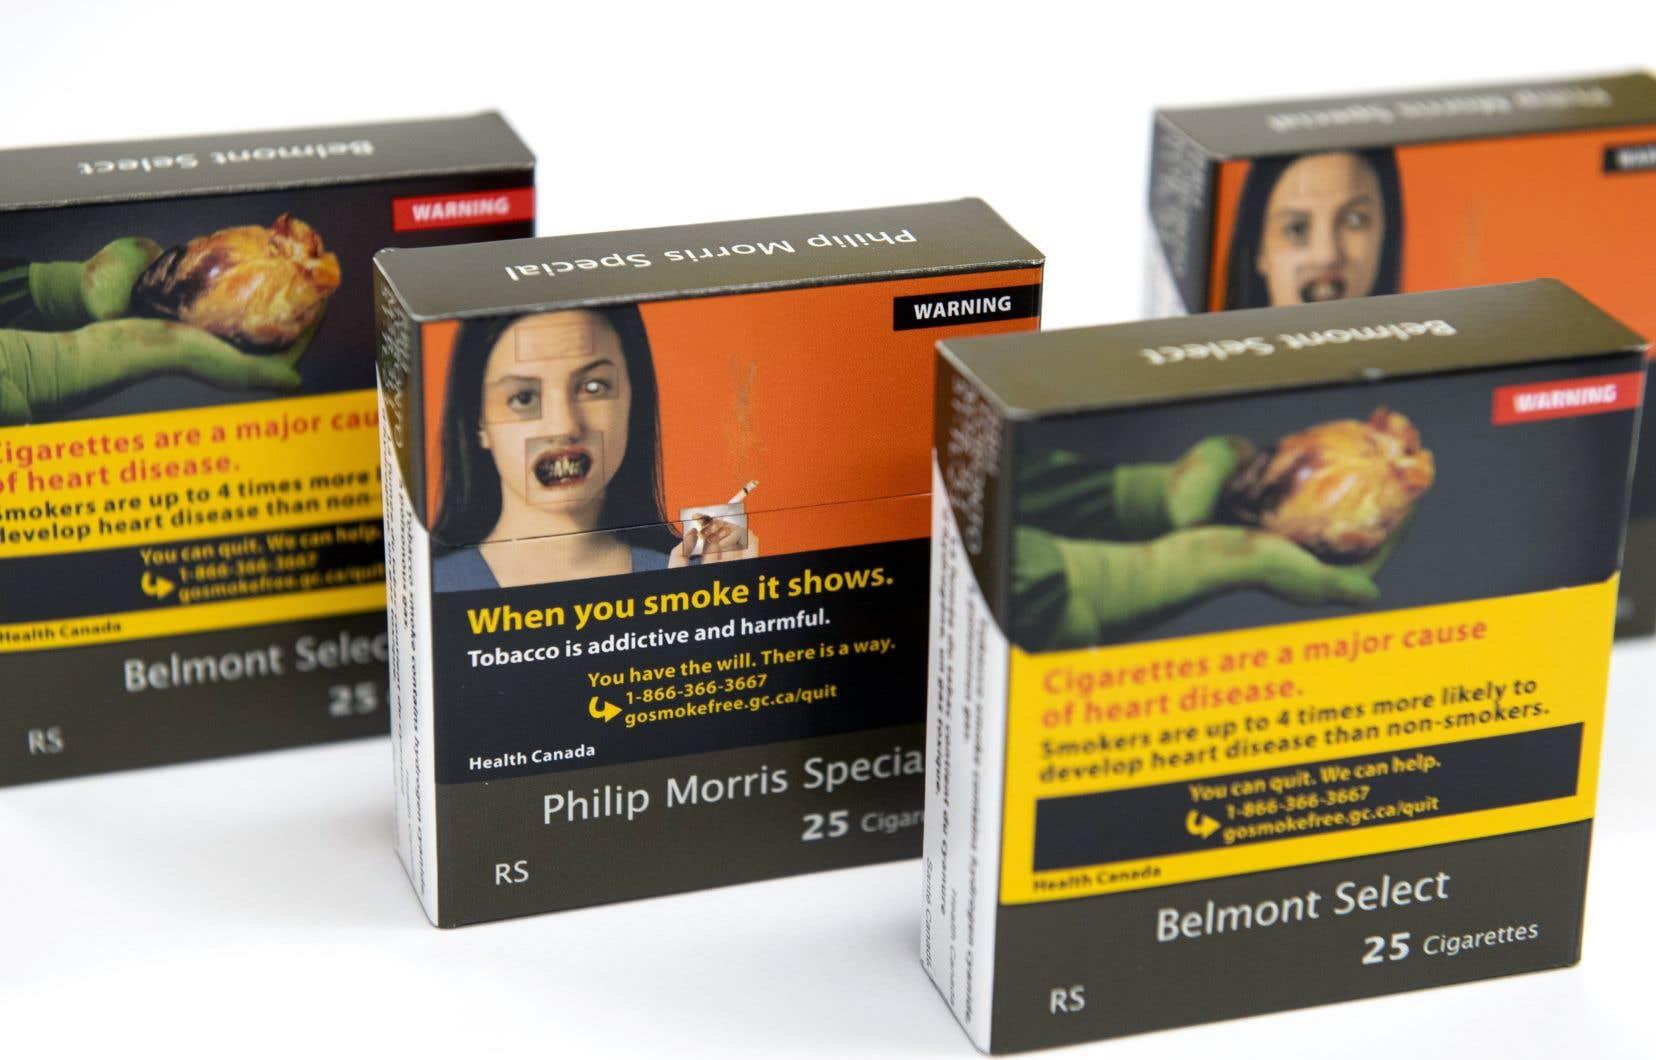 Tous les emballages auront la même couleur de base brune et incluront le même texte de base gris et une apparence minimaliste conformément aux nouvelles exigences.